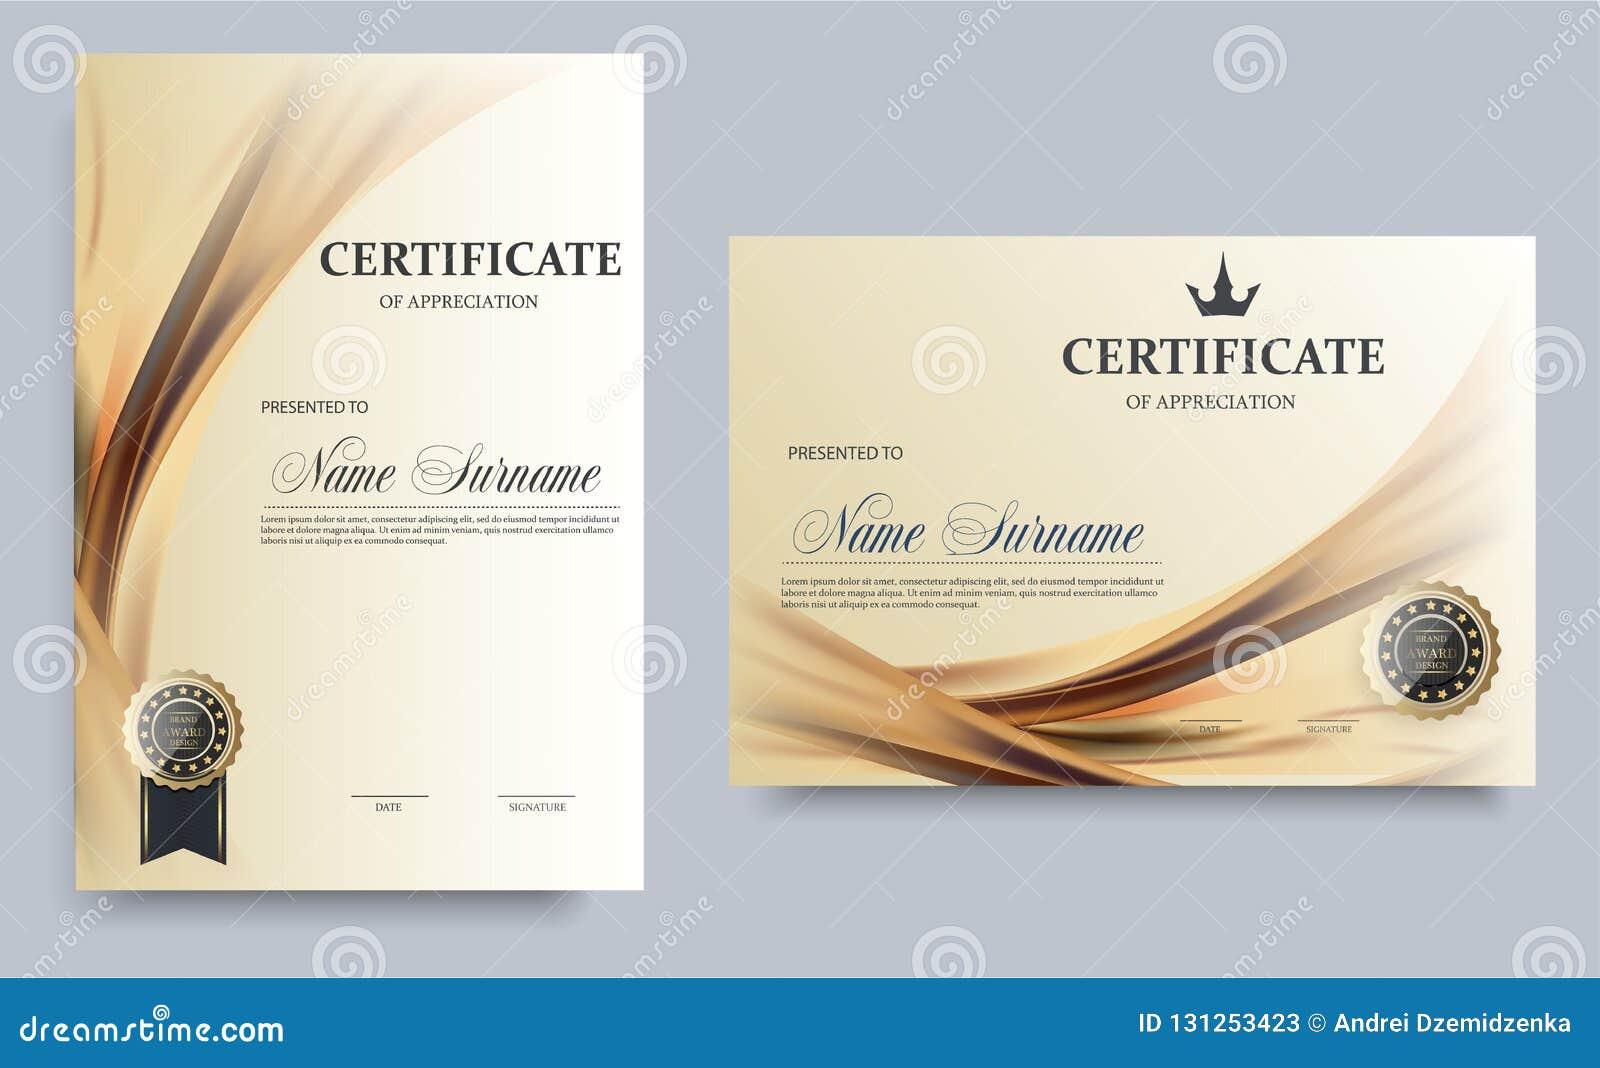 Шаблон сертификата в векторе для завершения градации достижения - вектора запаса